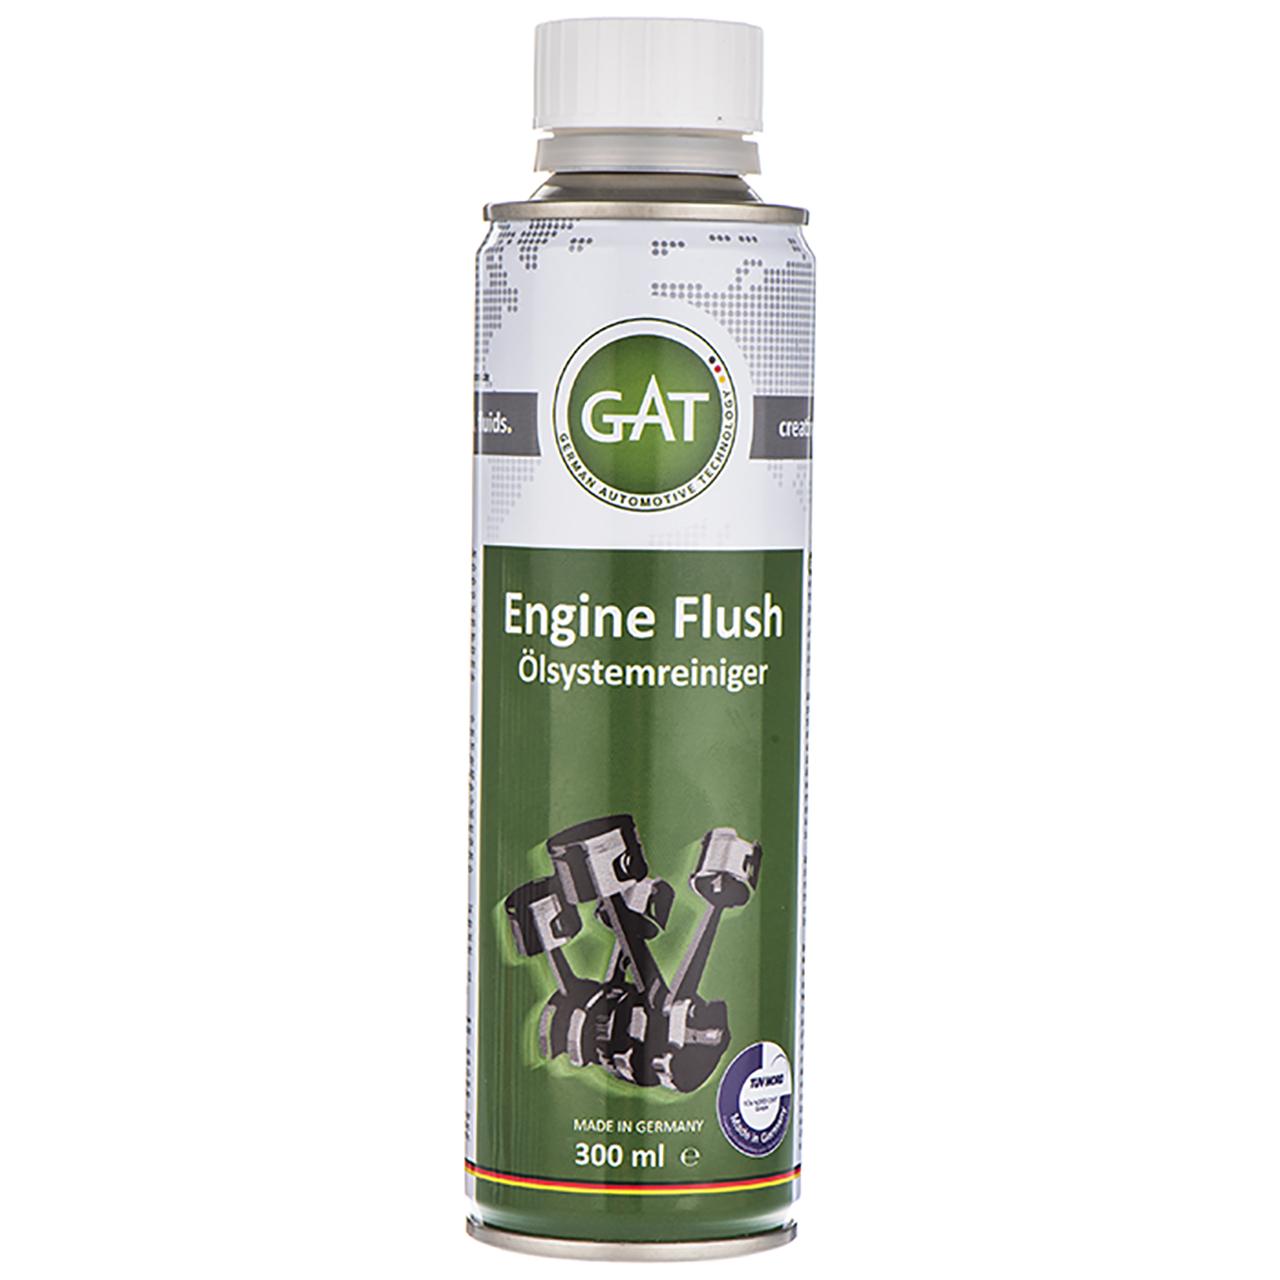 محلول موتور شوی گات مدل Engine Flush-62054 حجم 300 میلی لیتر